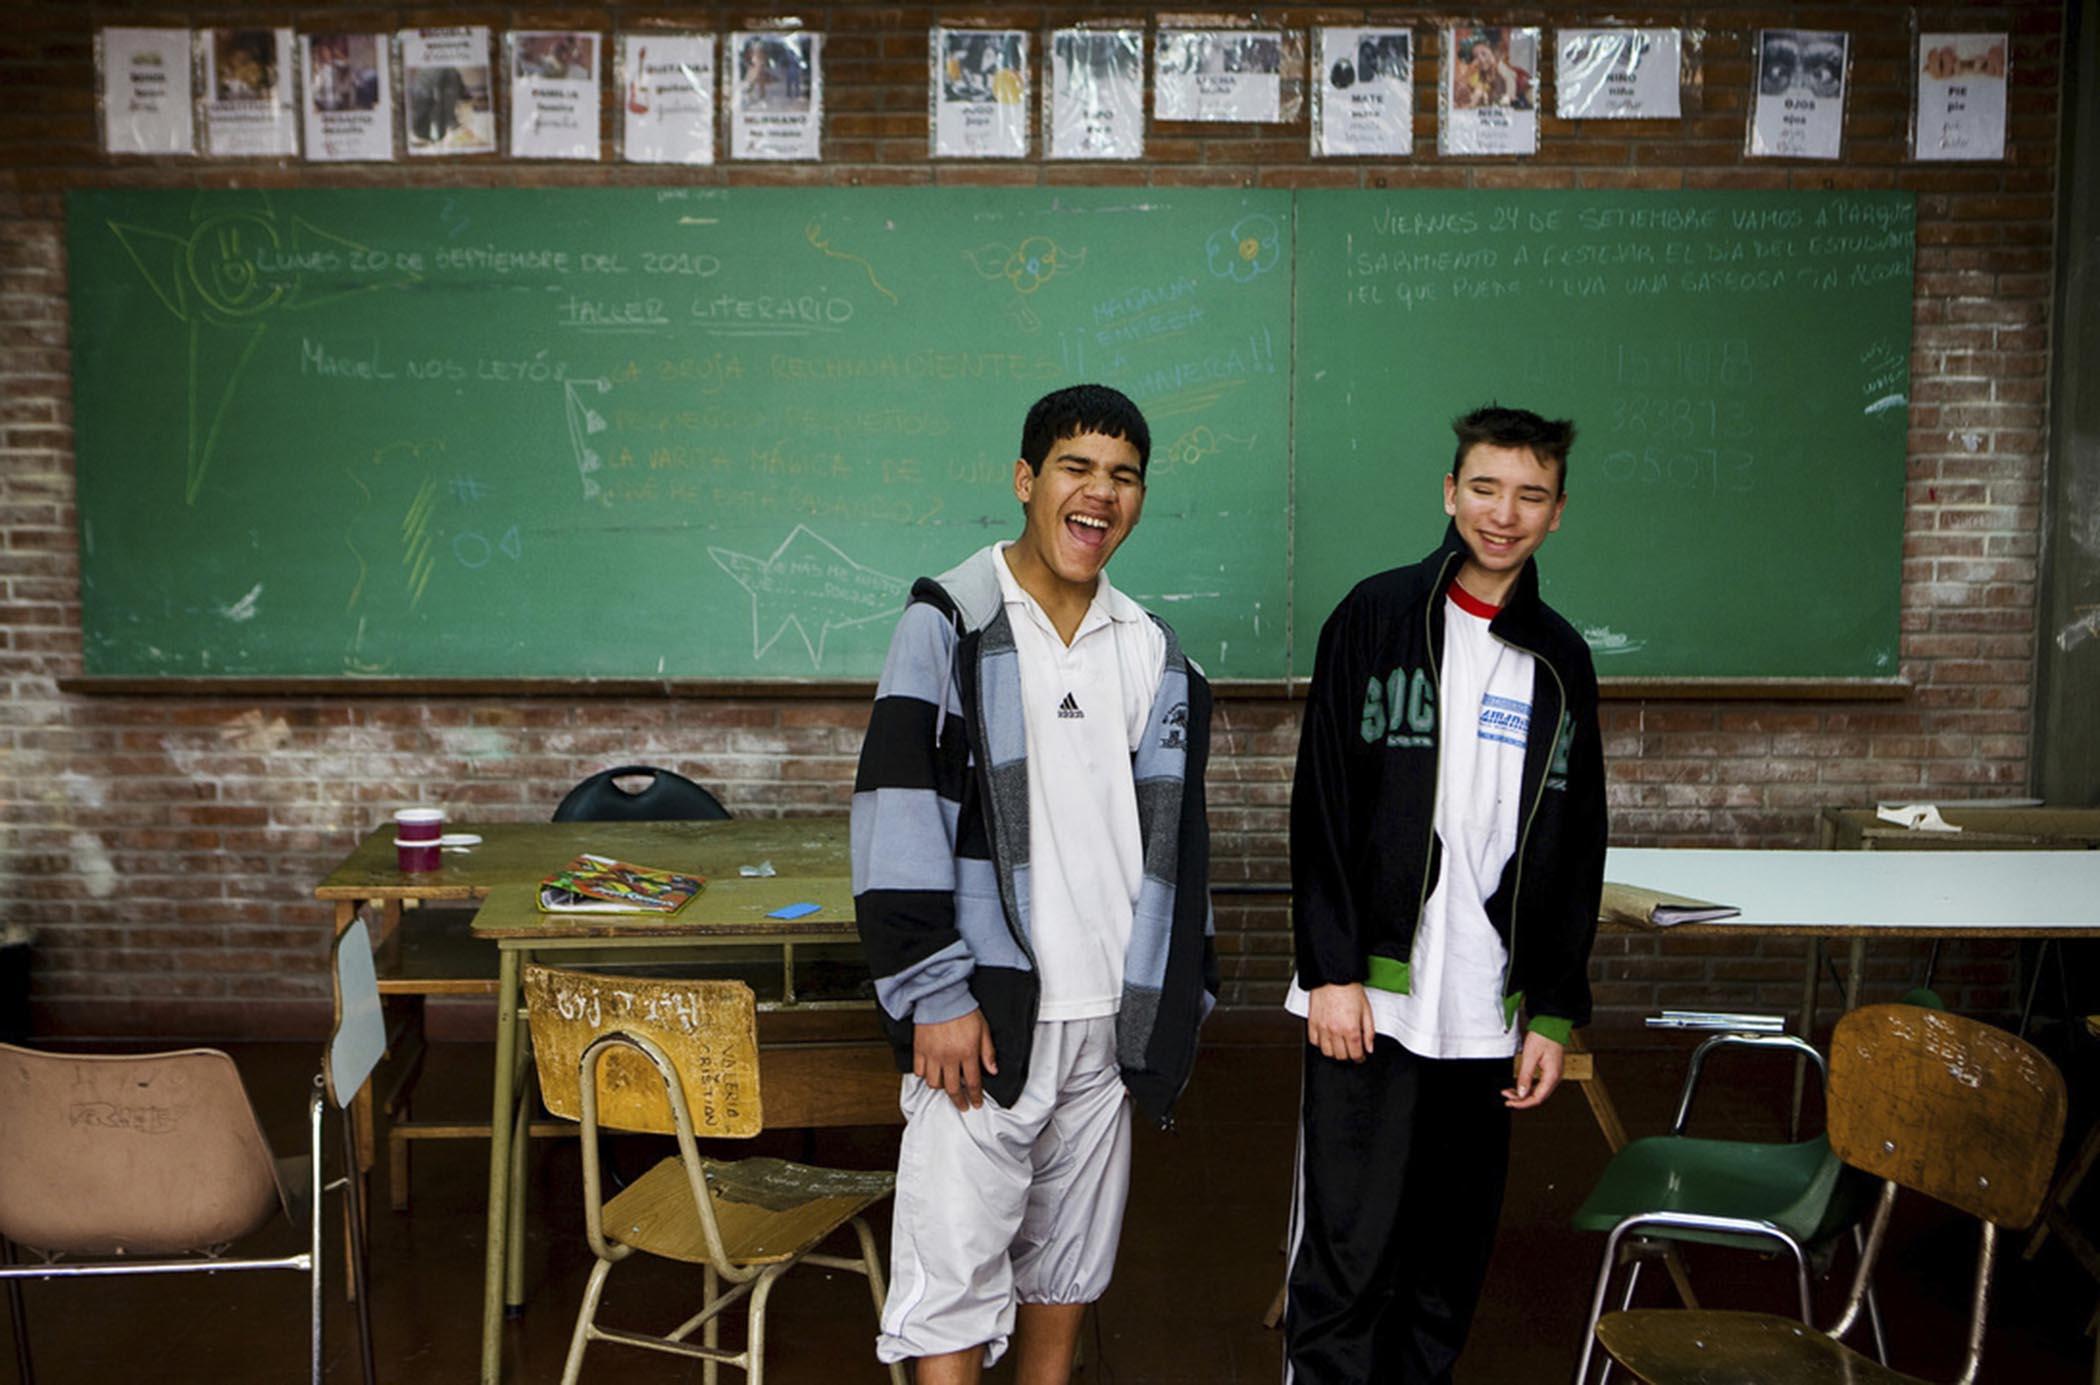 Centro Educativo Isauro Arancibia para ni?os y jovenes en situacion de calle o vulnerabilidad.